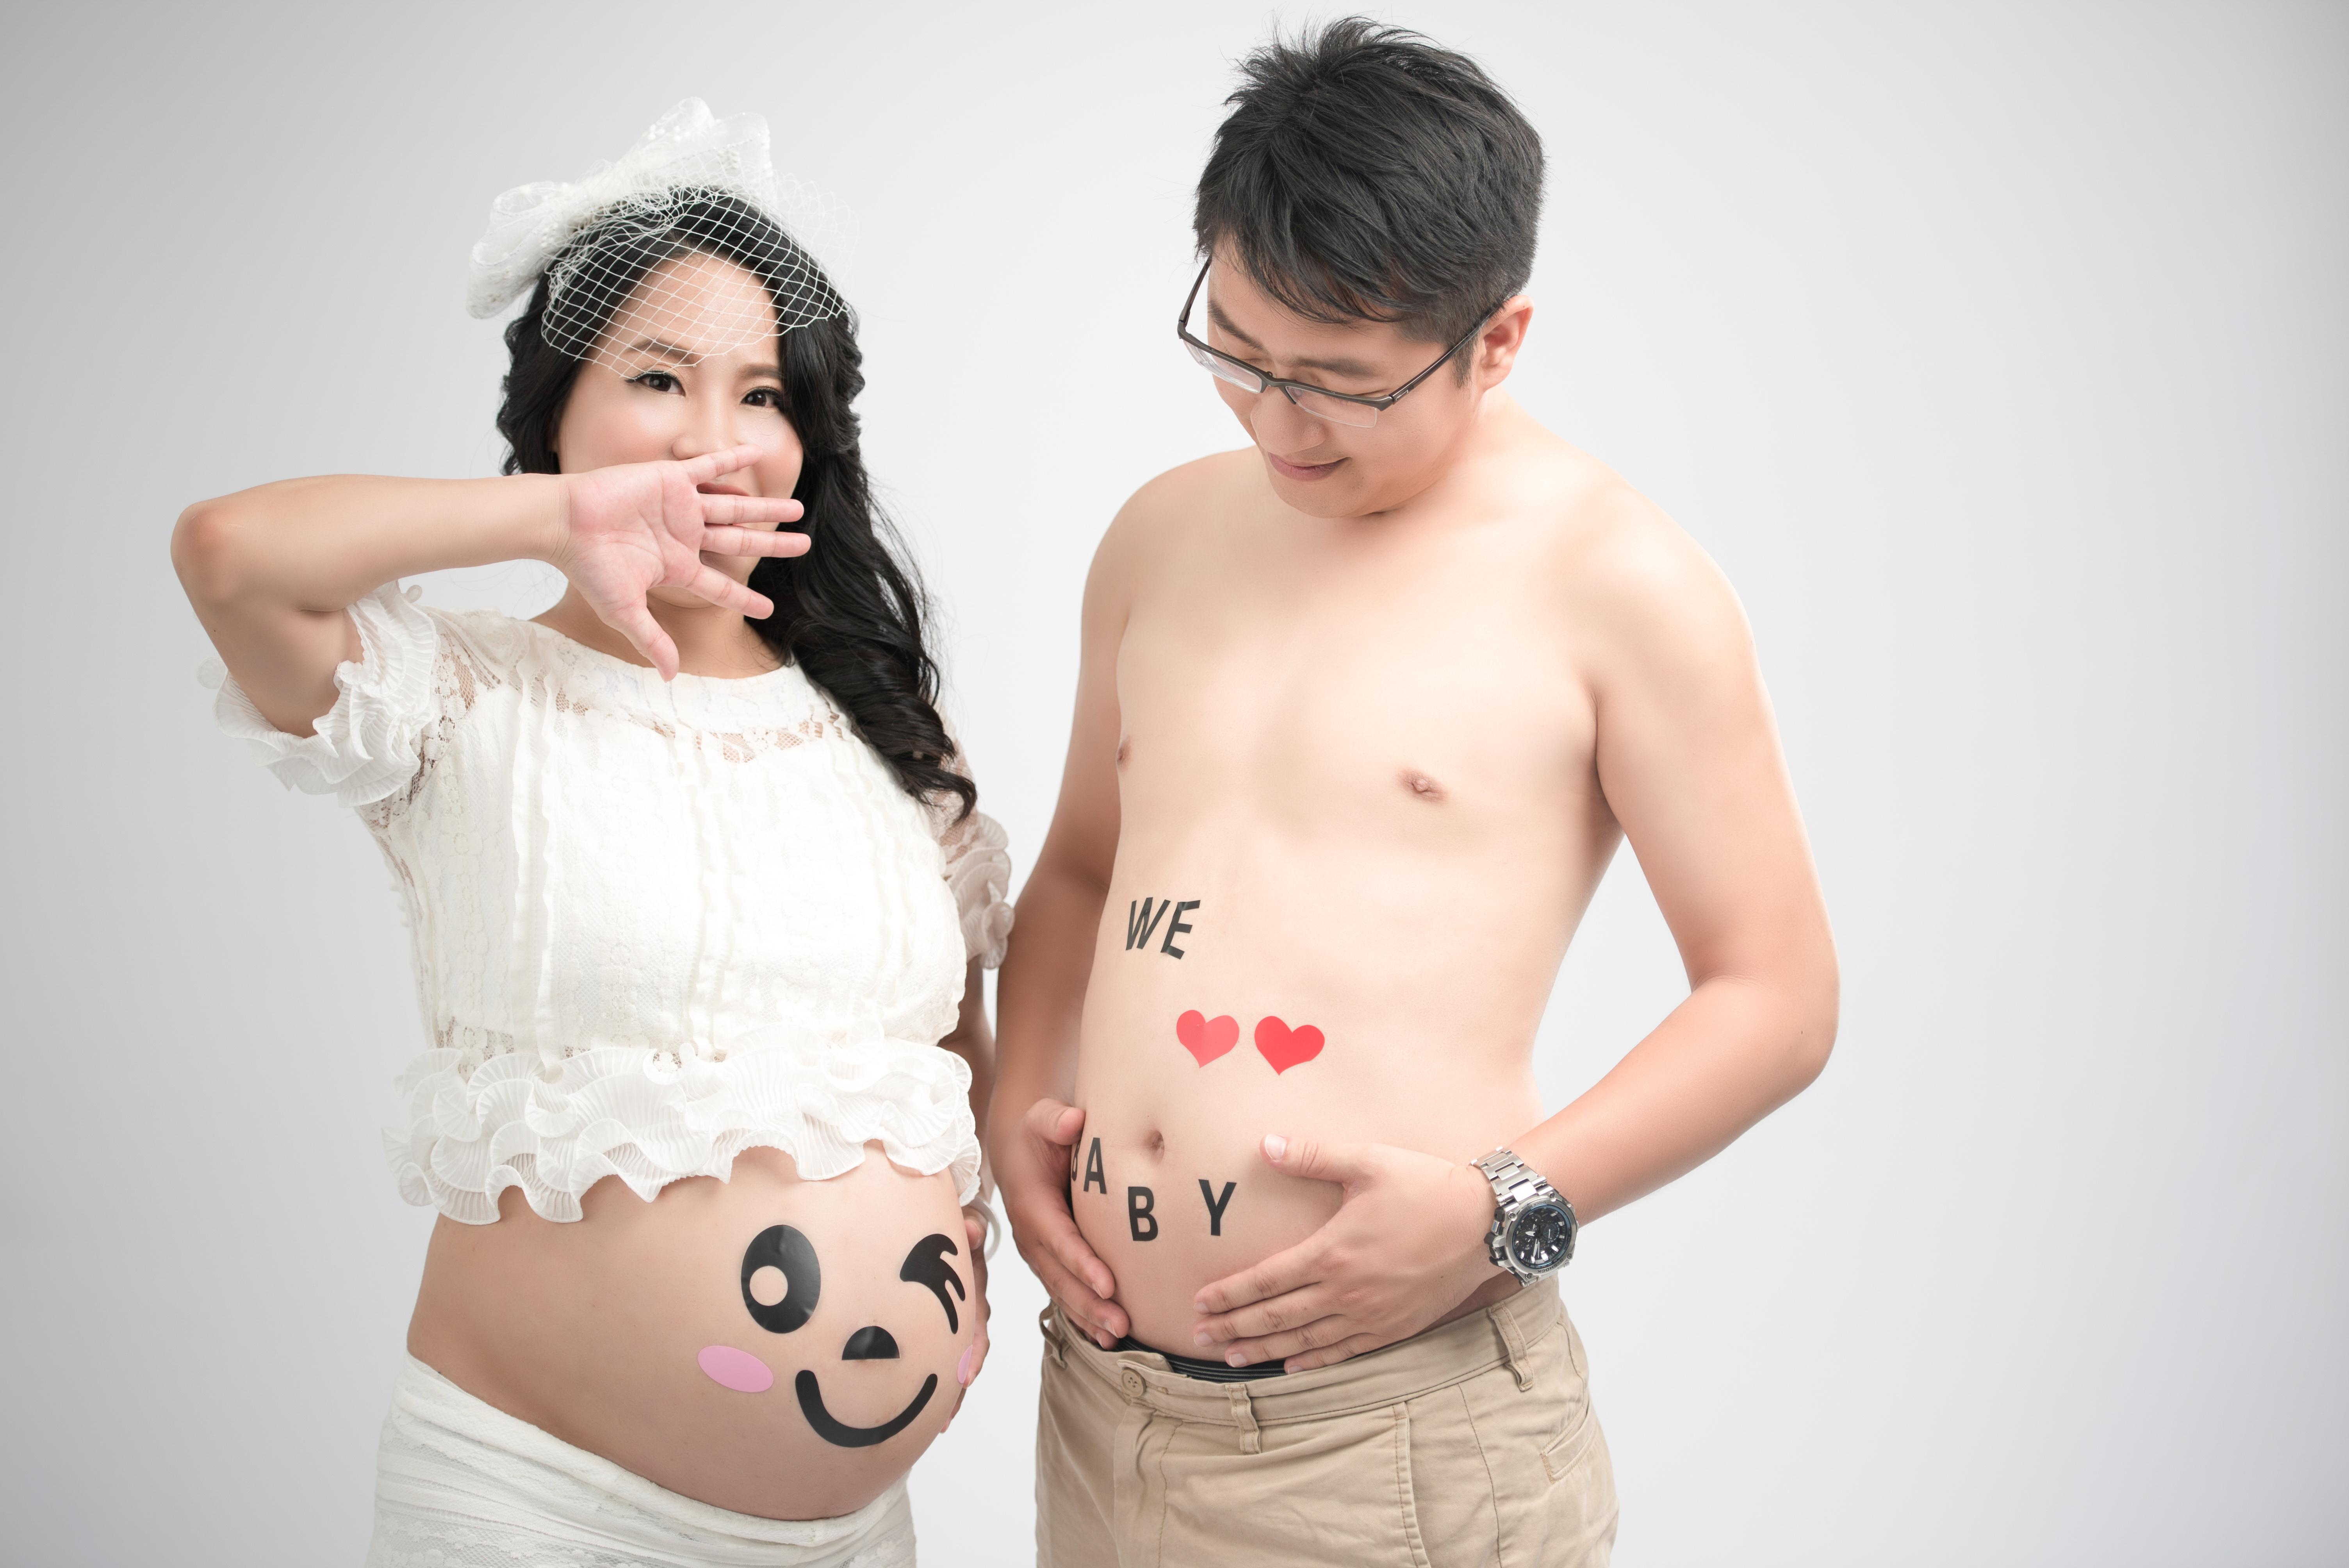 台中孕婦寫真推薦, 台中孕婦寫真價格, 台中孕婦攝影推薦, 台中孕婦攝影